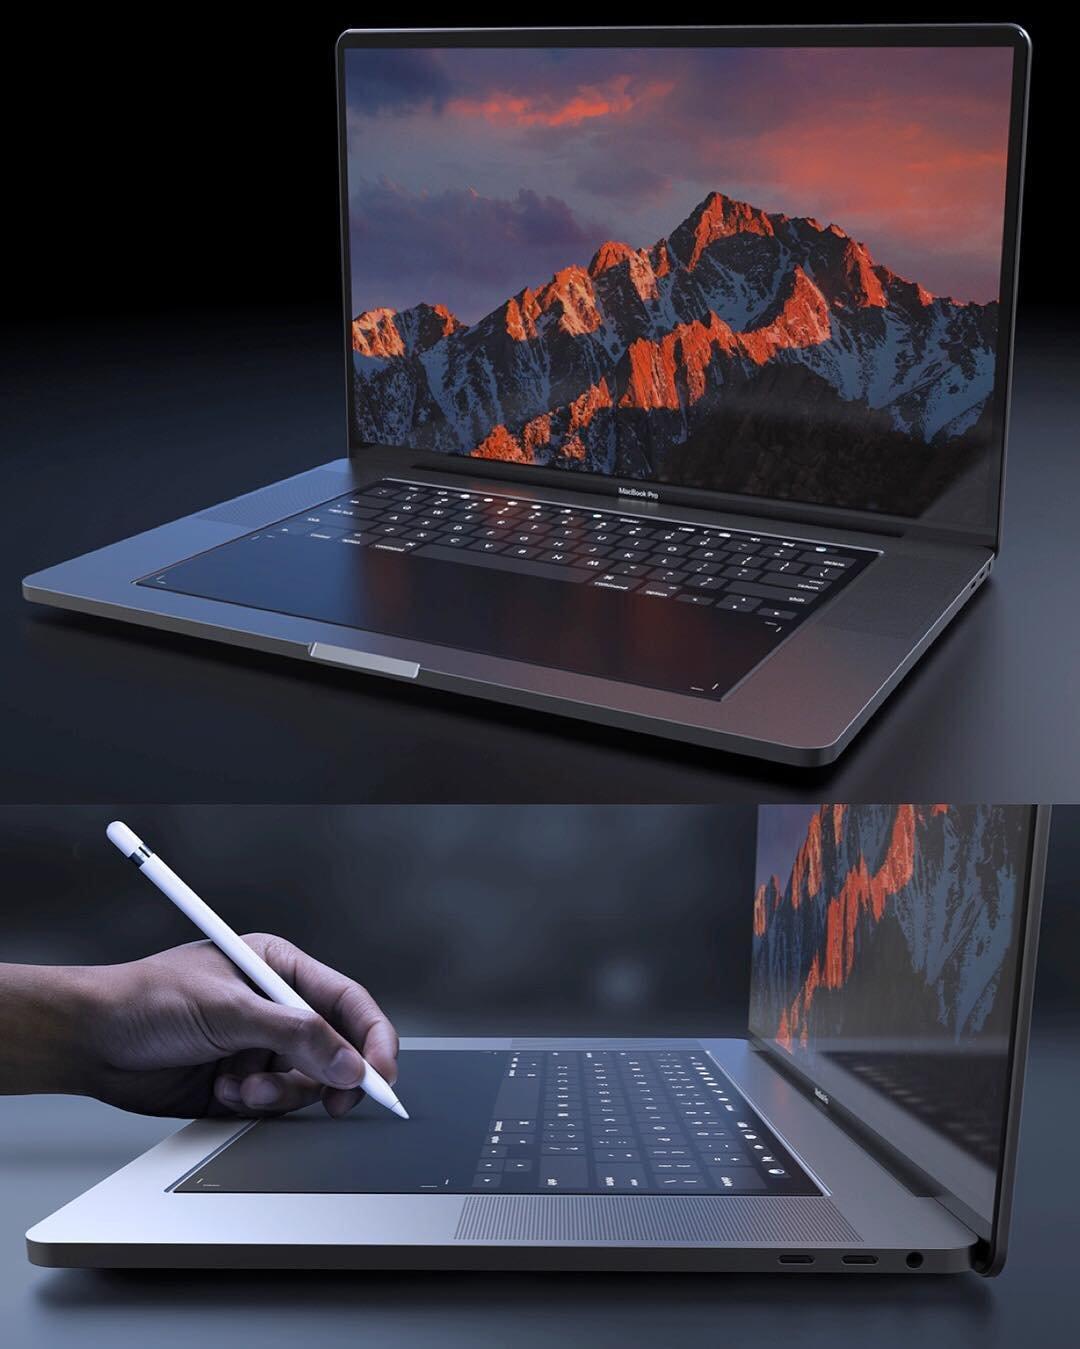 Клавиатура MacBook Pro сейчас имеет усовершенствованную защиту отпыли